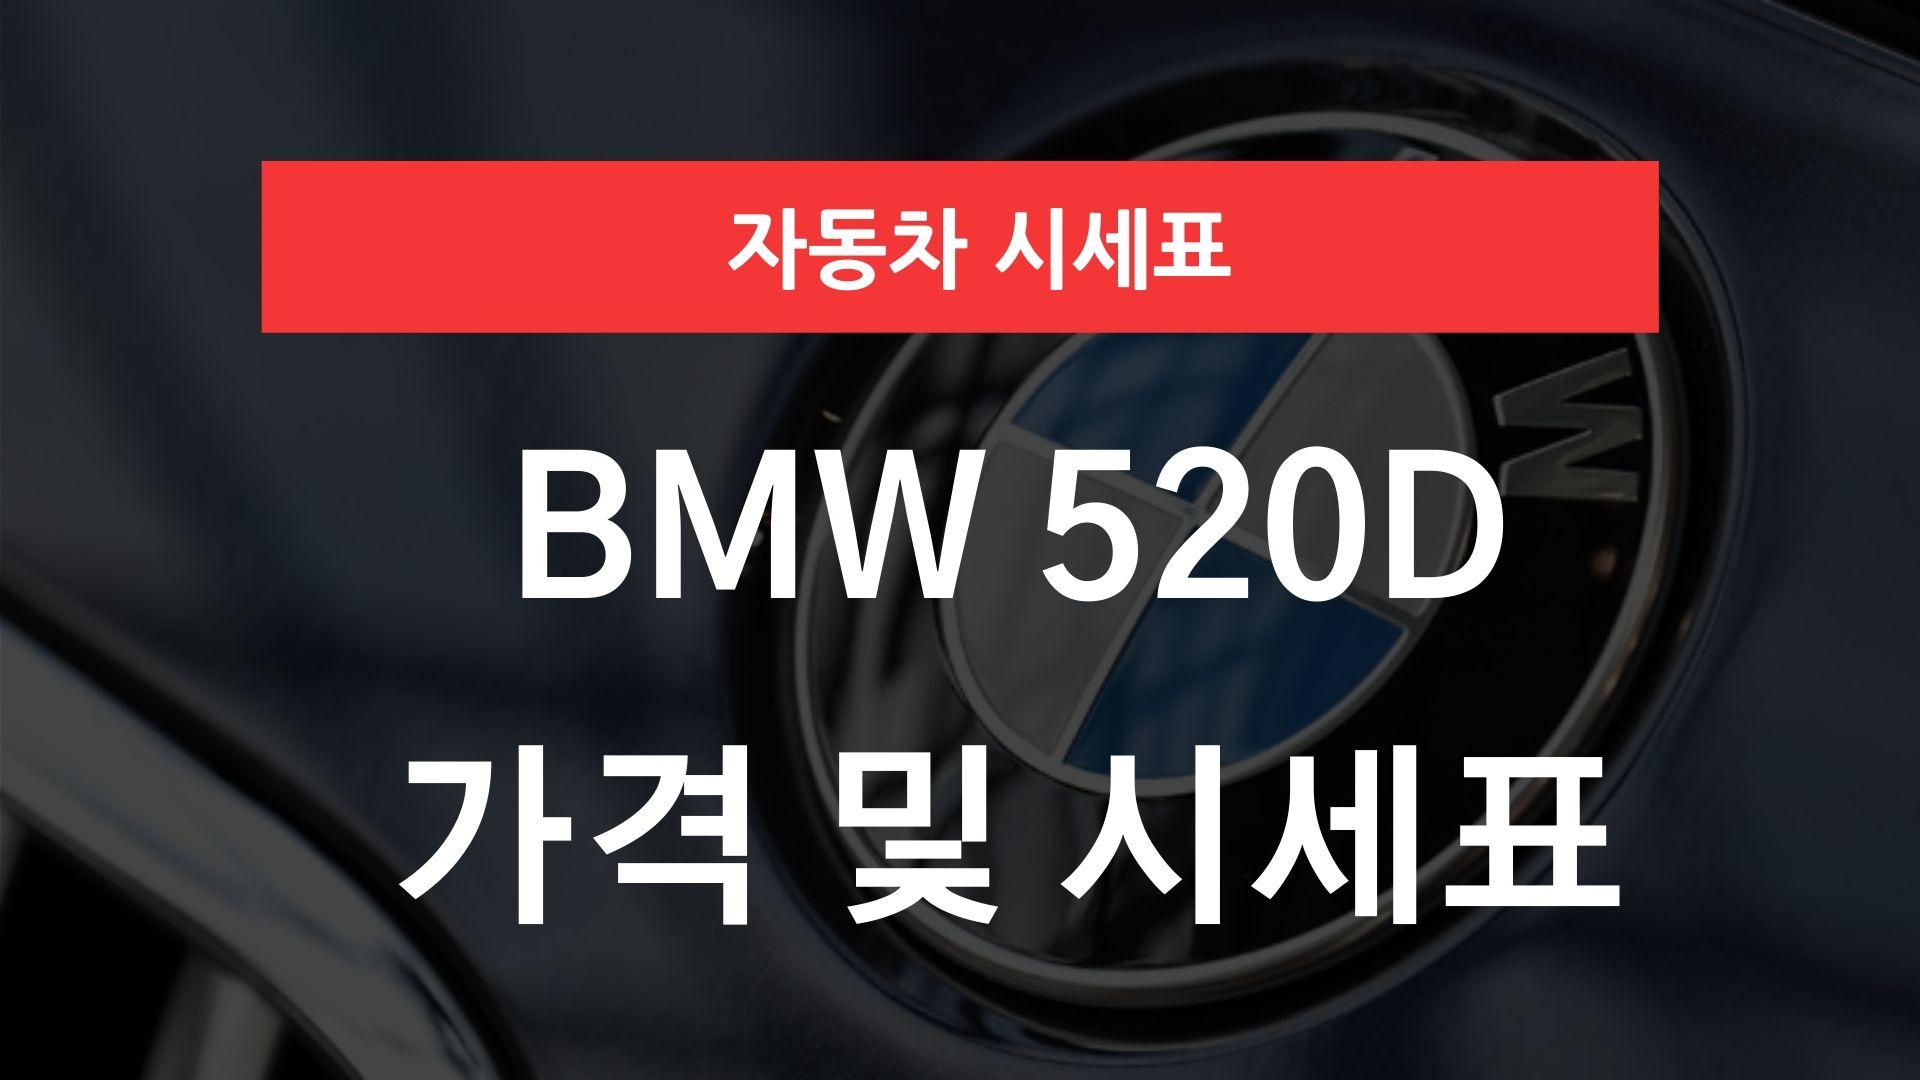 BMW 520d 가격